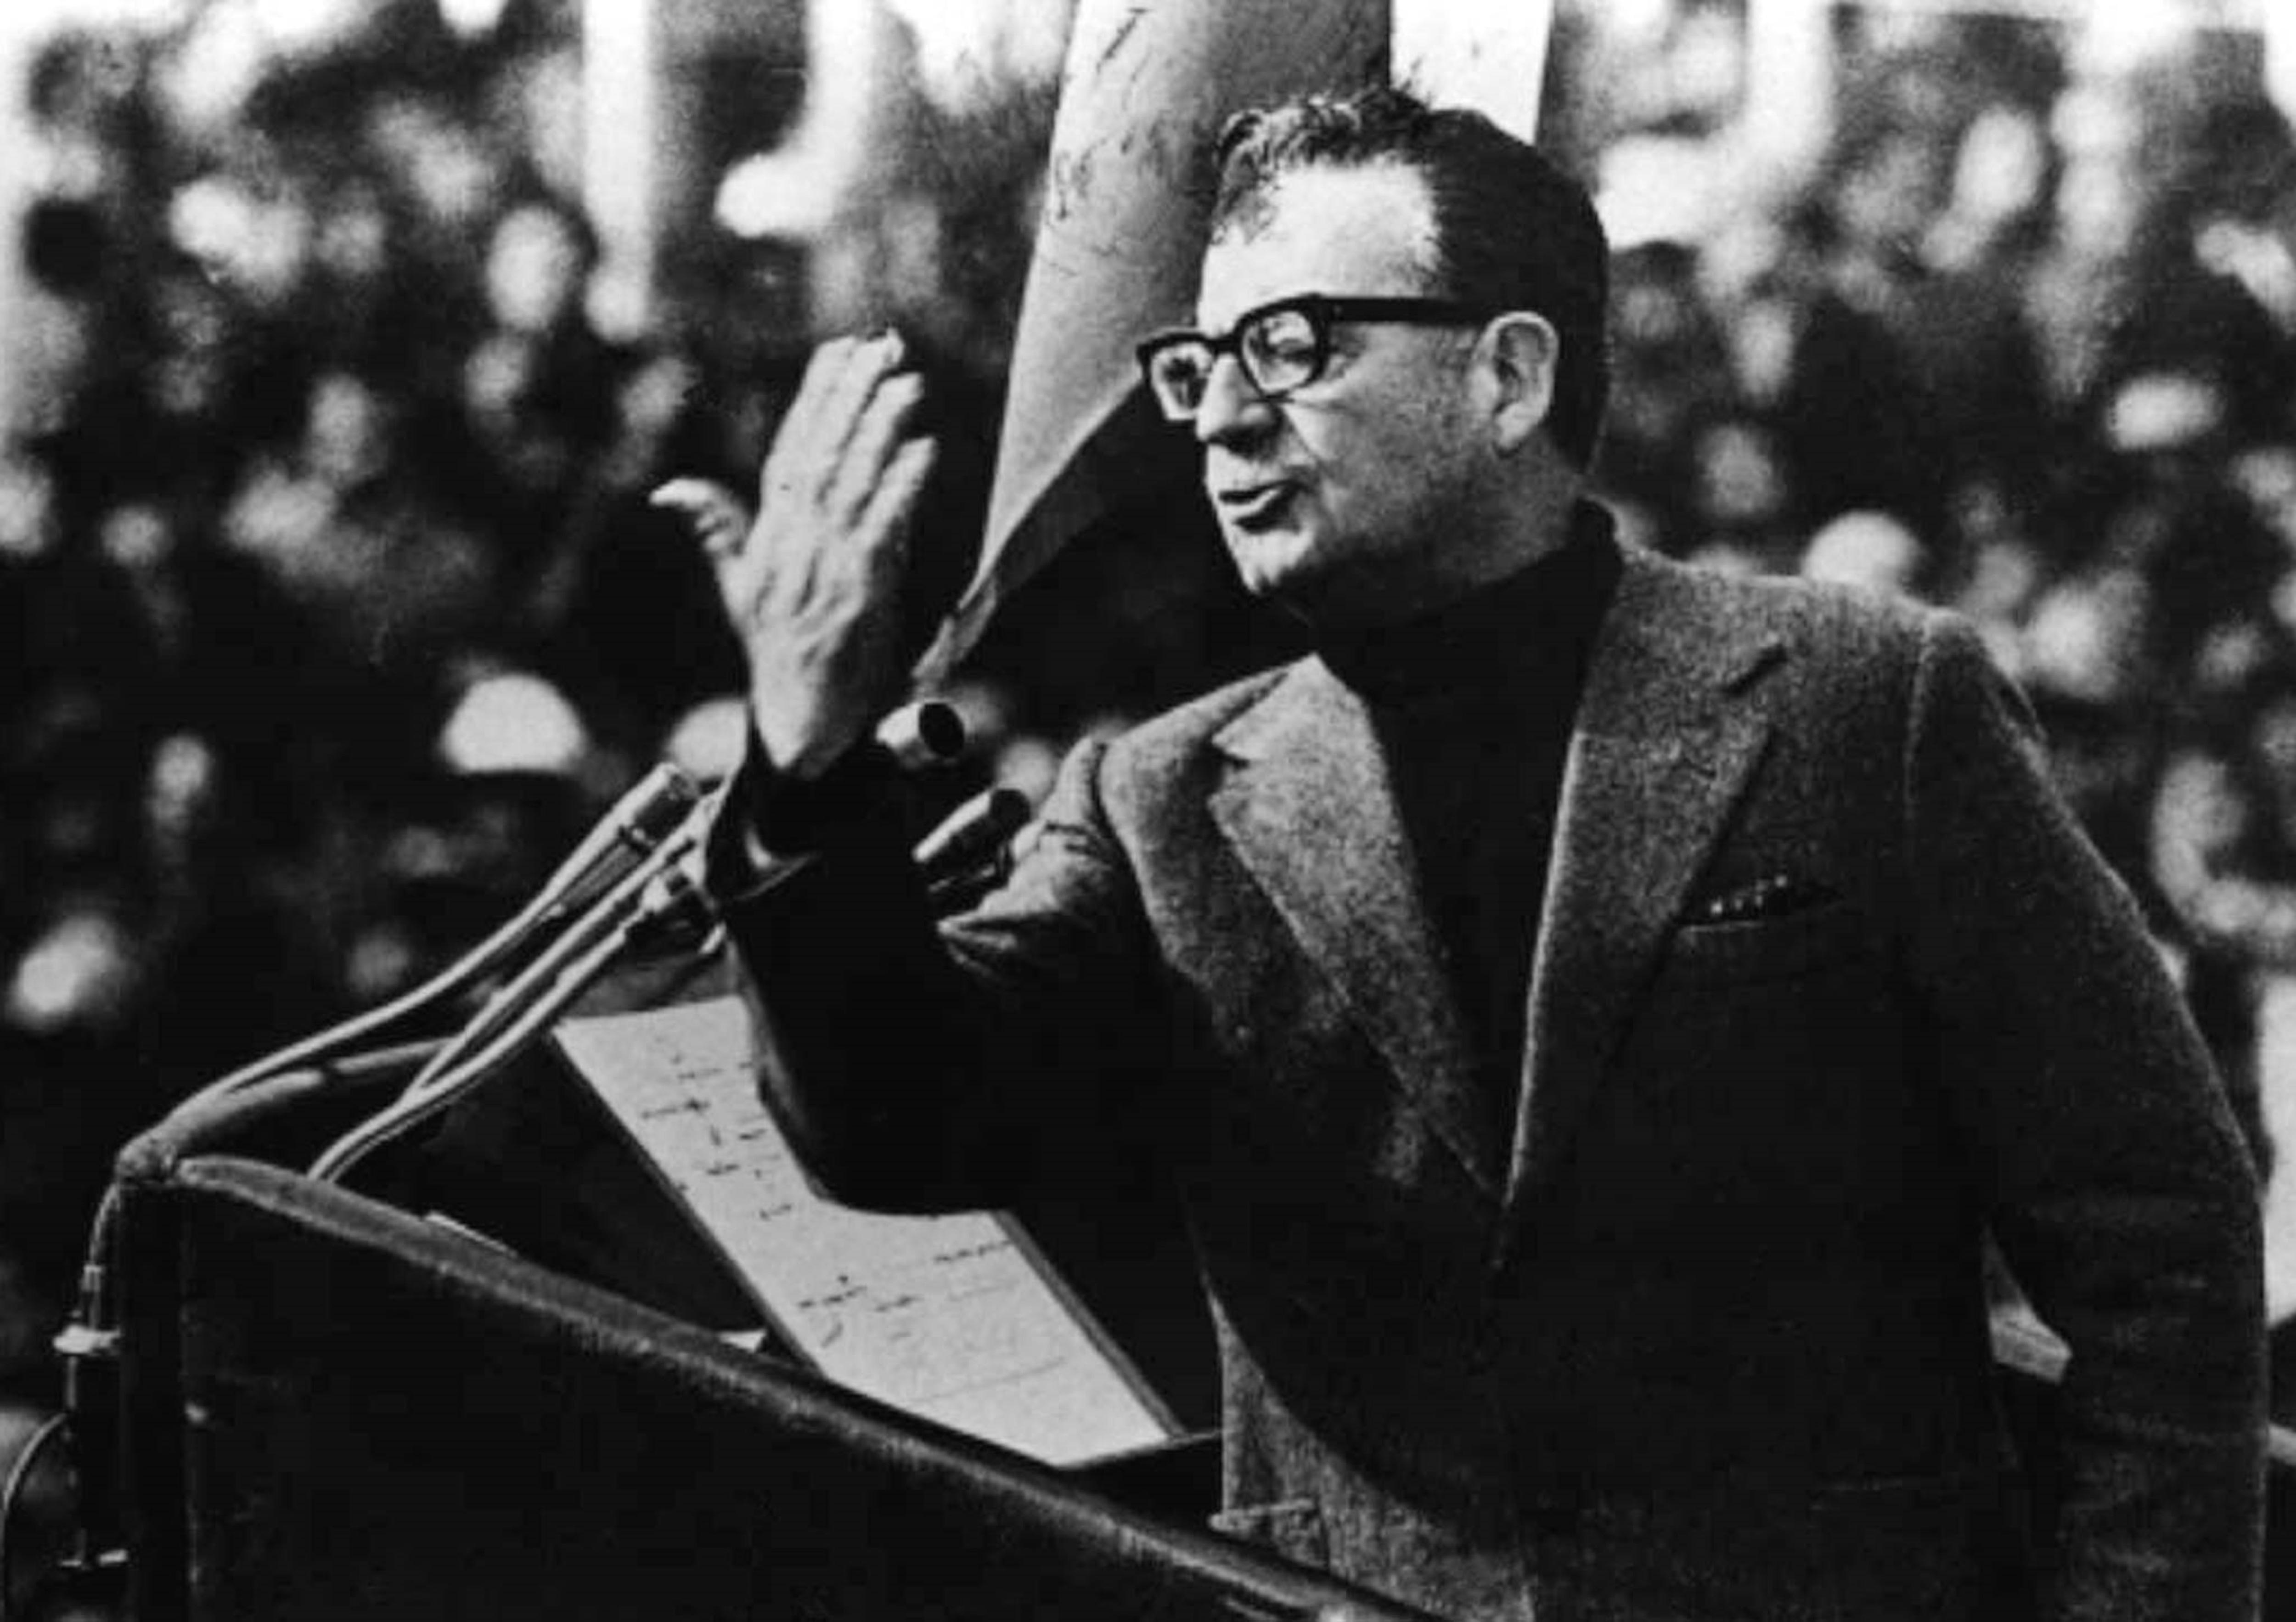 Le président chilien Salvador Allende prononce un discours.